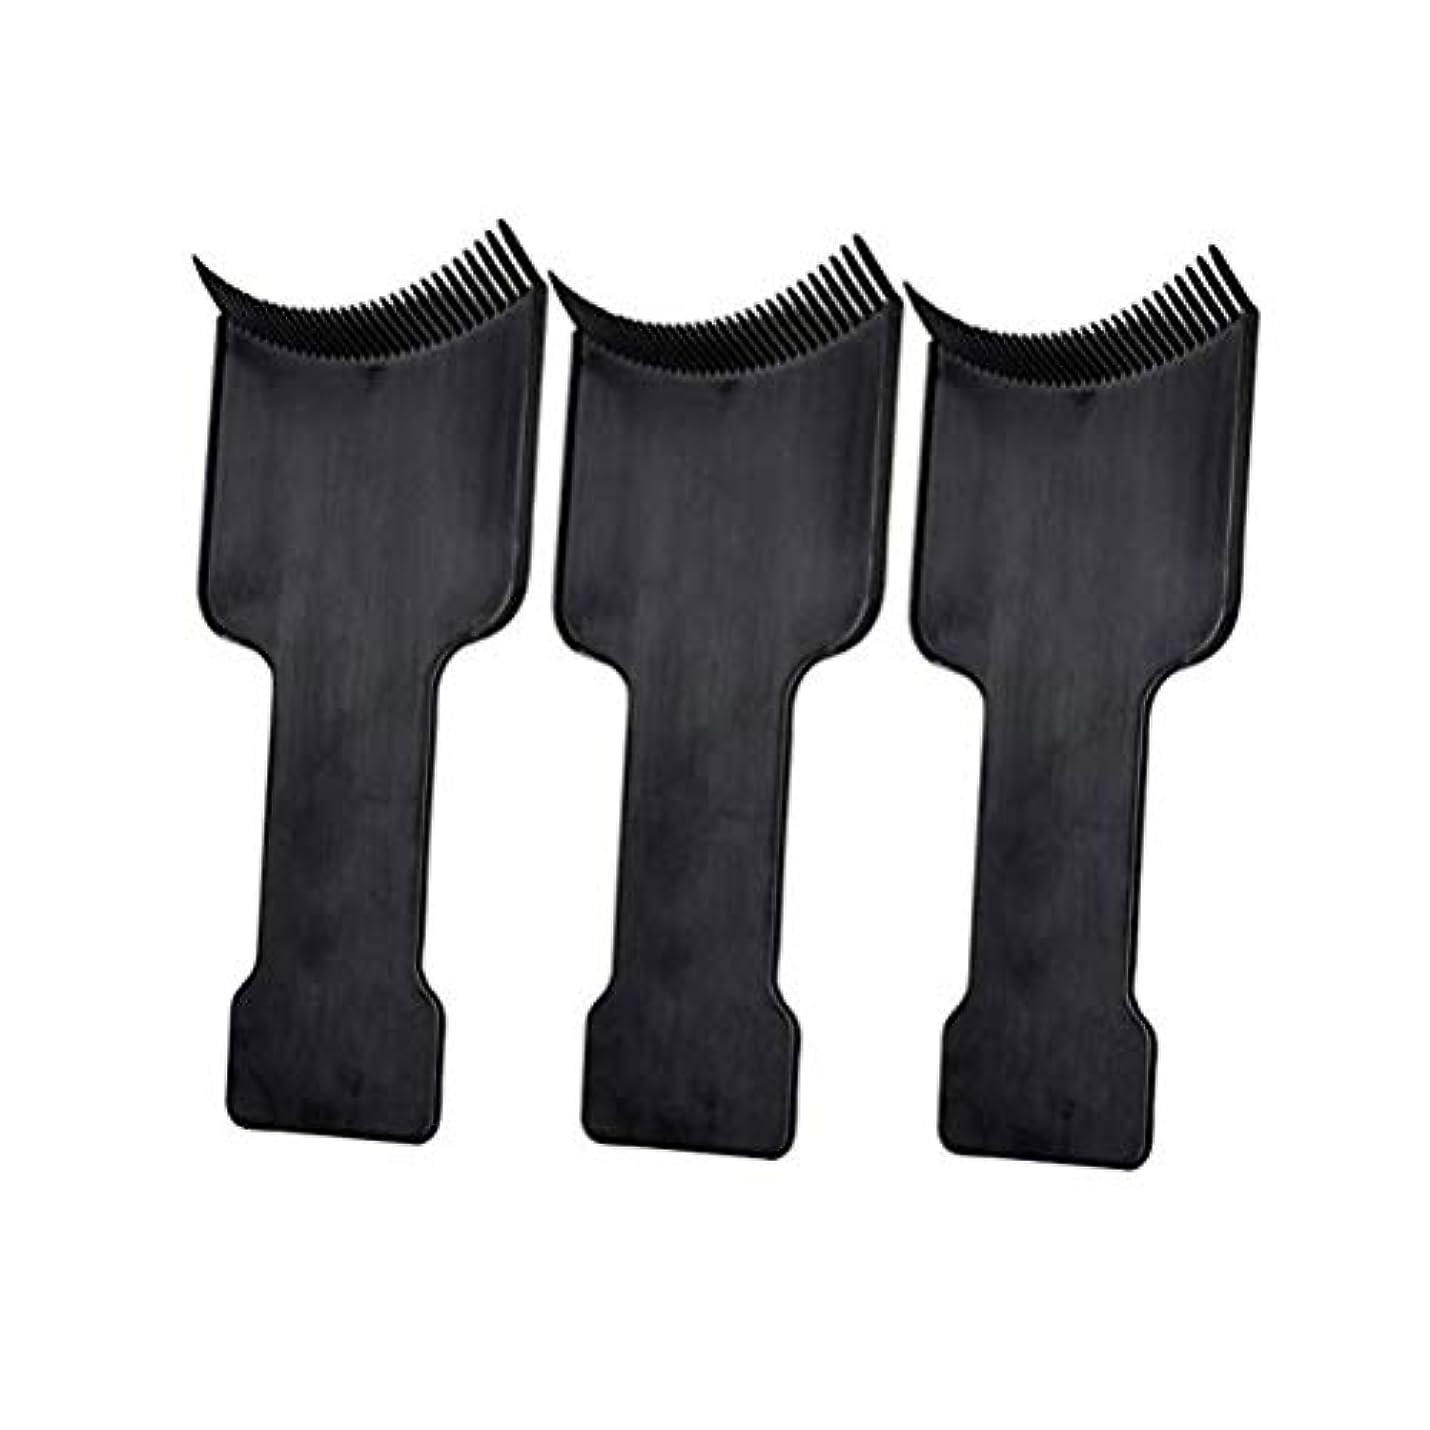 シンカンオーナメントソケットLurrose 3本ヘアカラーブラシヘアダイブラシヘアダイアプリケータヘアカラーブラシ(黒)